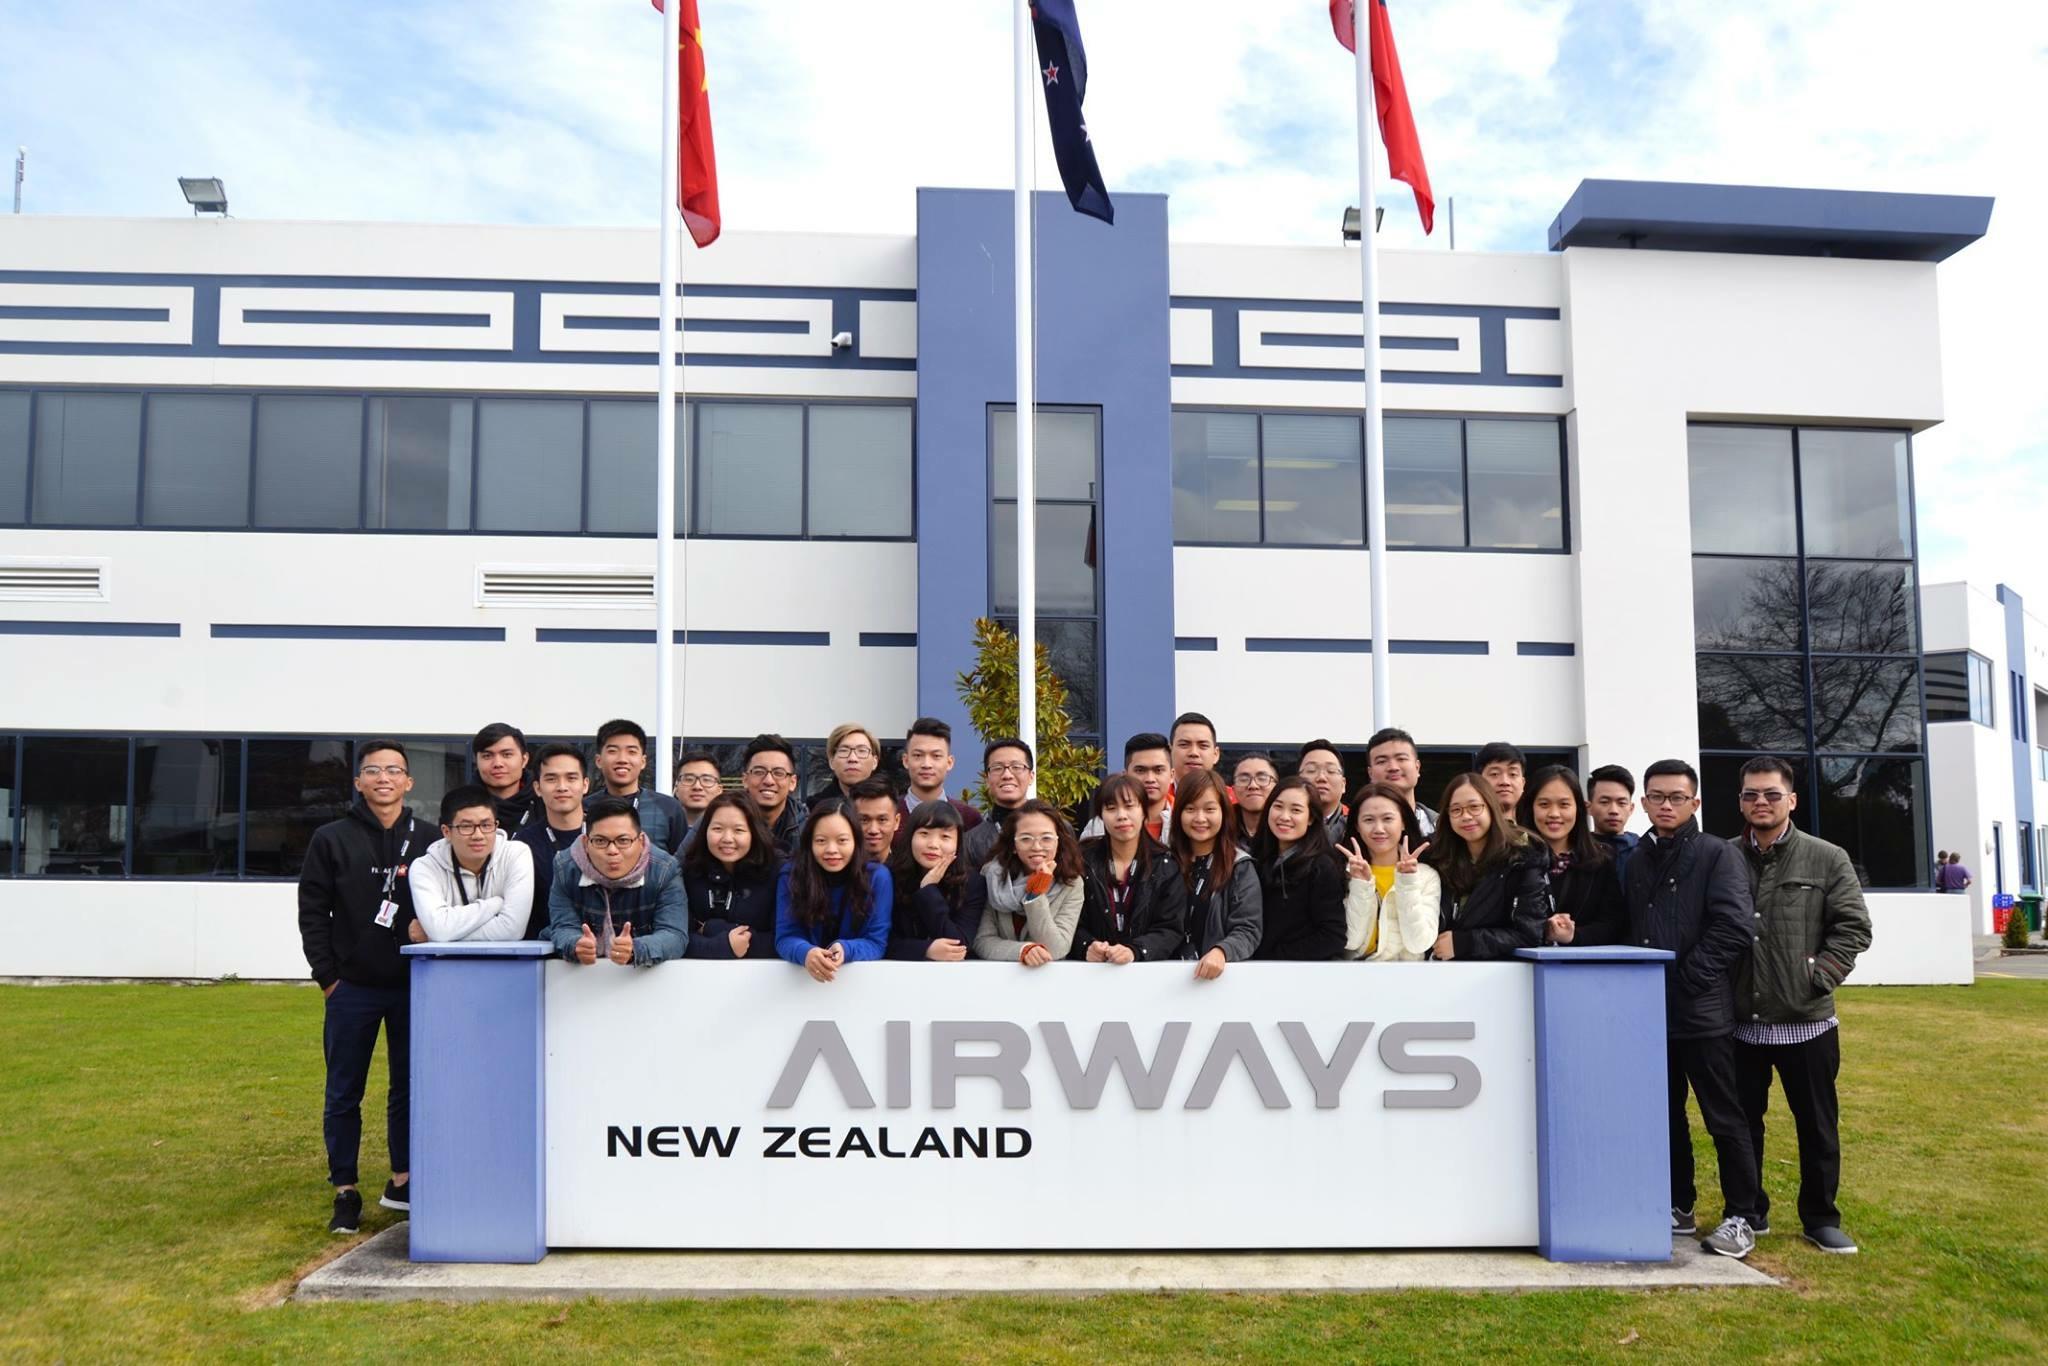 32 học viên Chương trình xã hội hóa kiểm soát viên không lưu Khóa II bắt đầu học tại Airways New Zealand